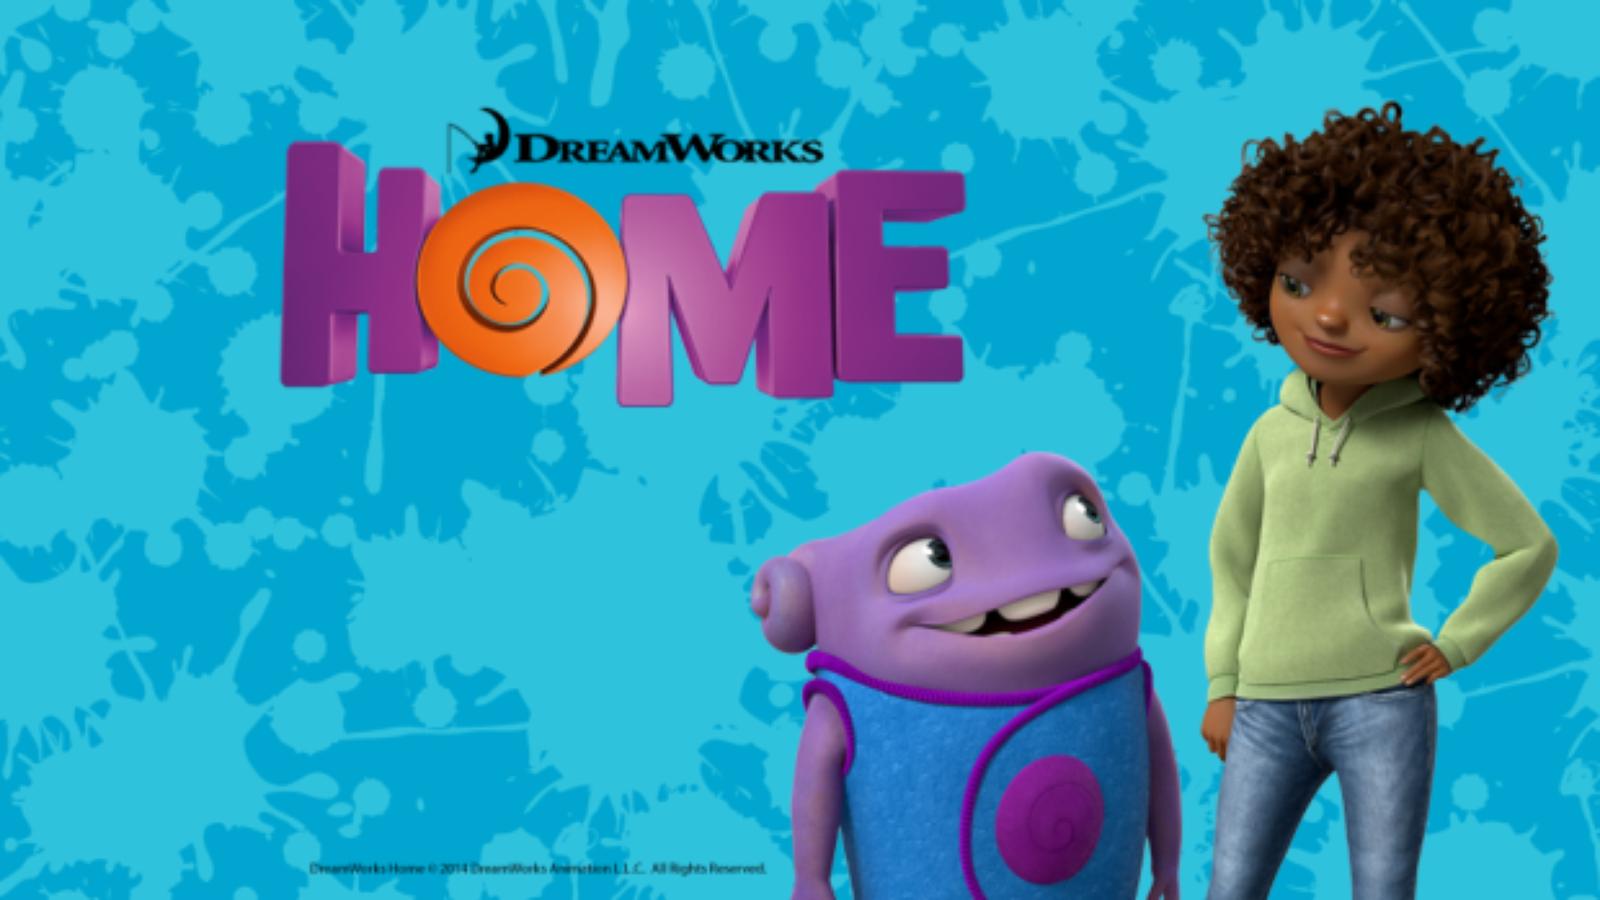 Film Home Movie Dreamworks Home Movie Dreamworks Home Movie Dreamworks 1600x900